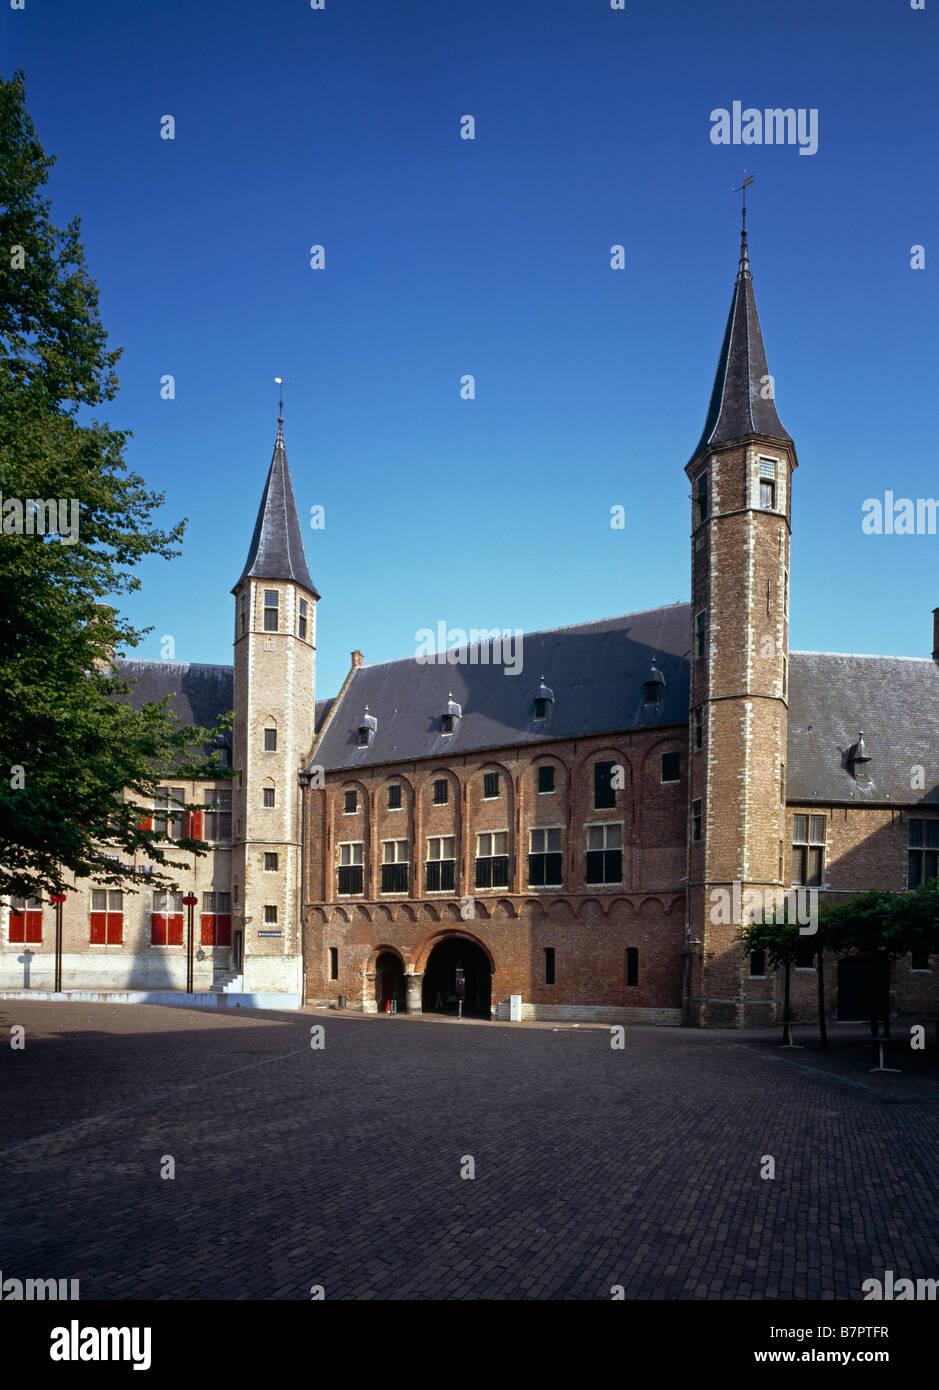 Middelburg, Abtei 'Onze Lieve Vrouwe', Waagentor - Stock Image